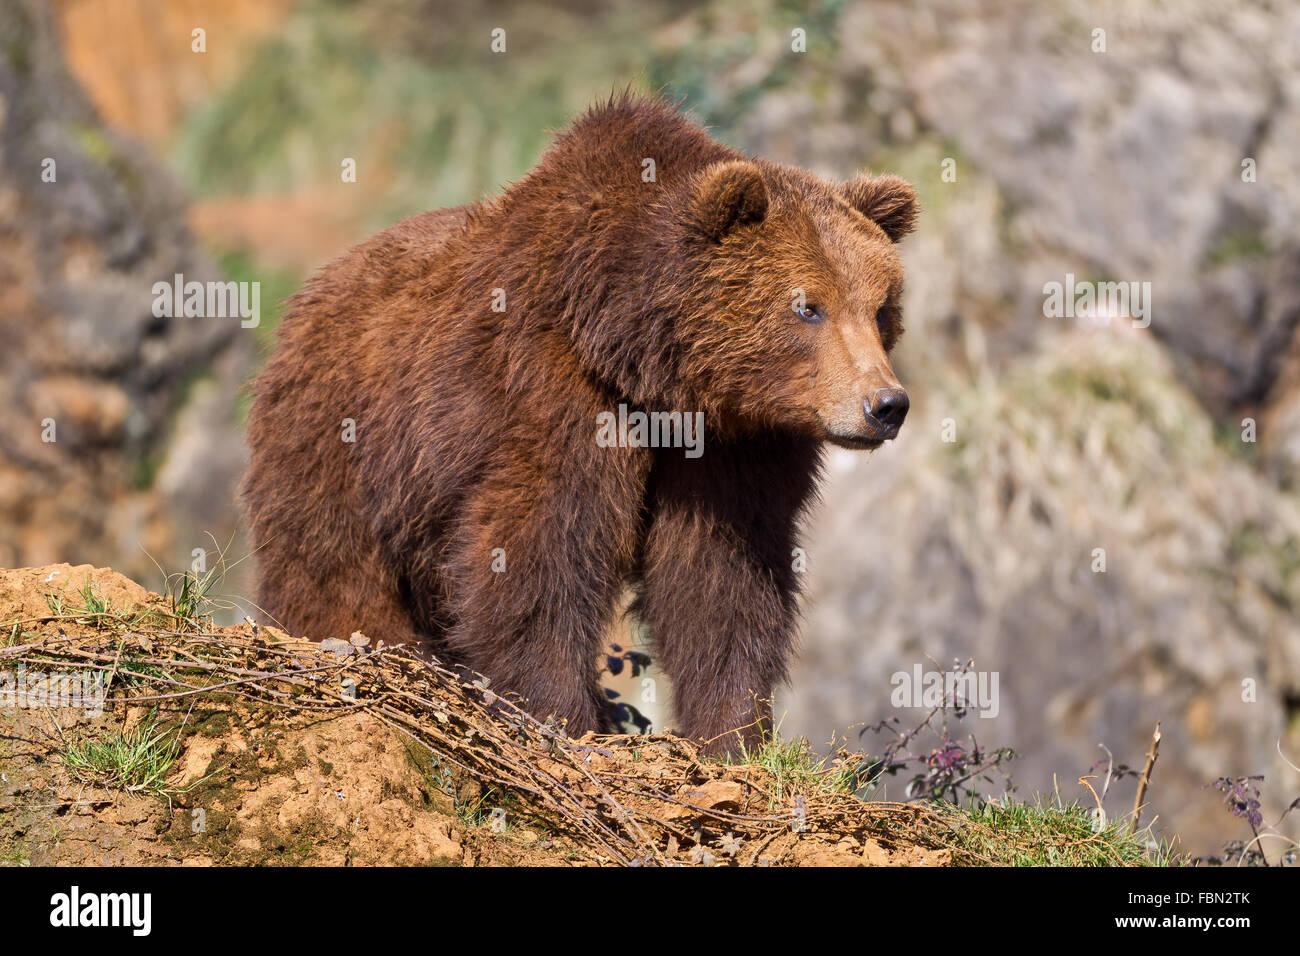 Einen braunen (oder grizzly) Bären in Cabarceno Naturpark, Kantabrien, Spanien. Stockbild